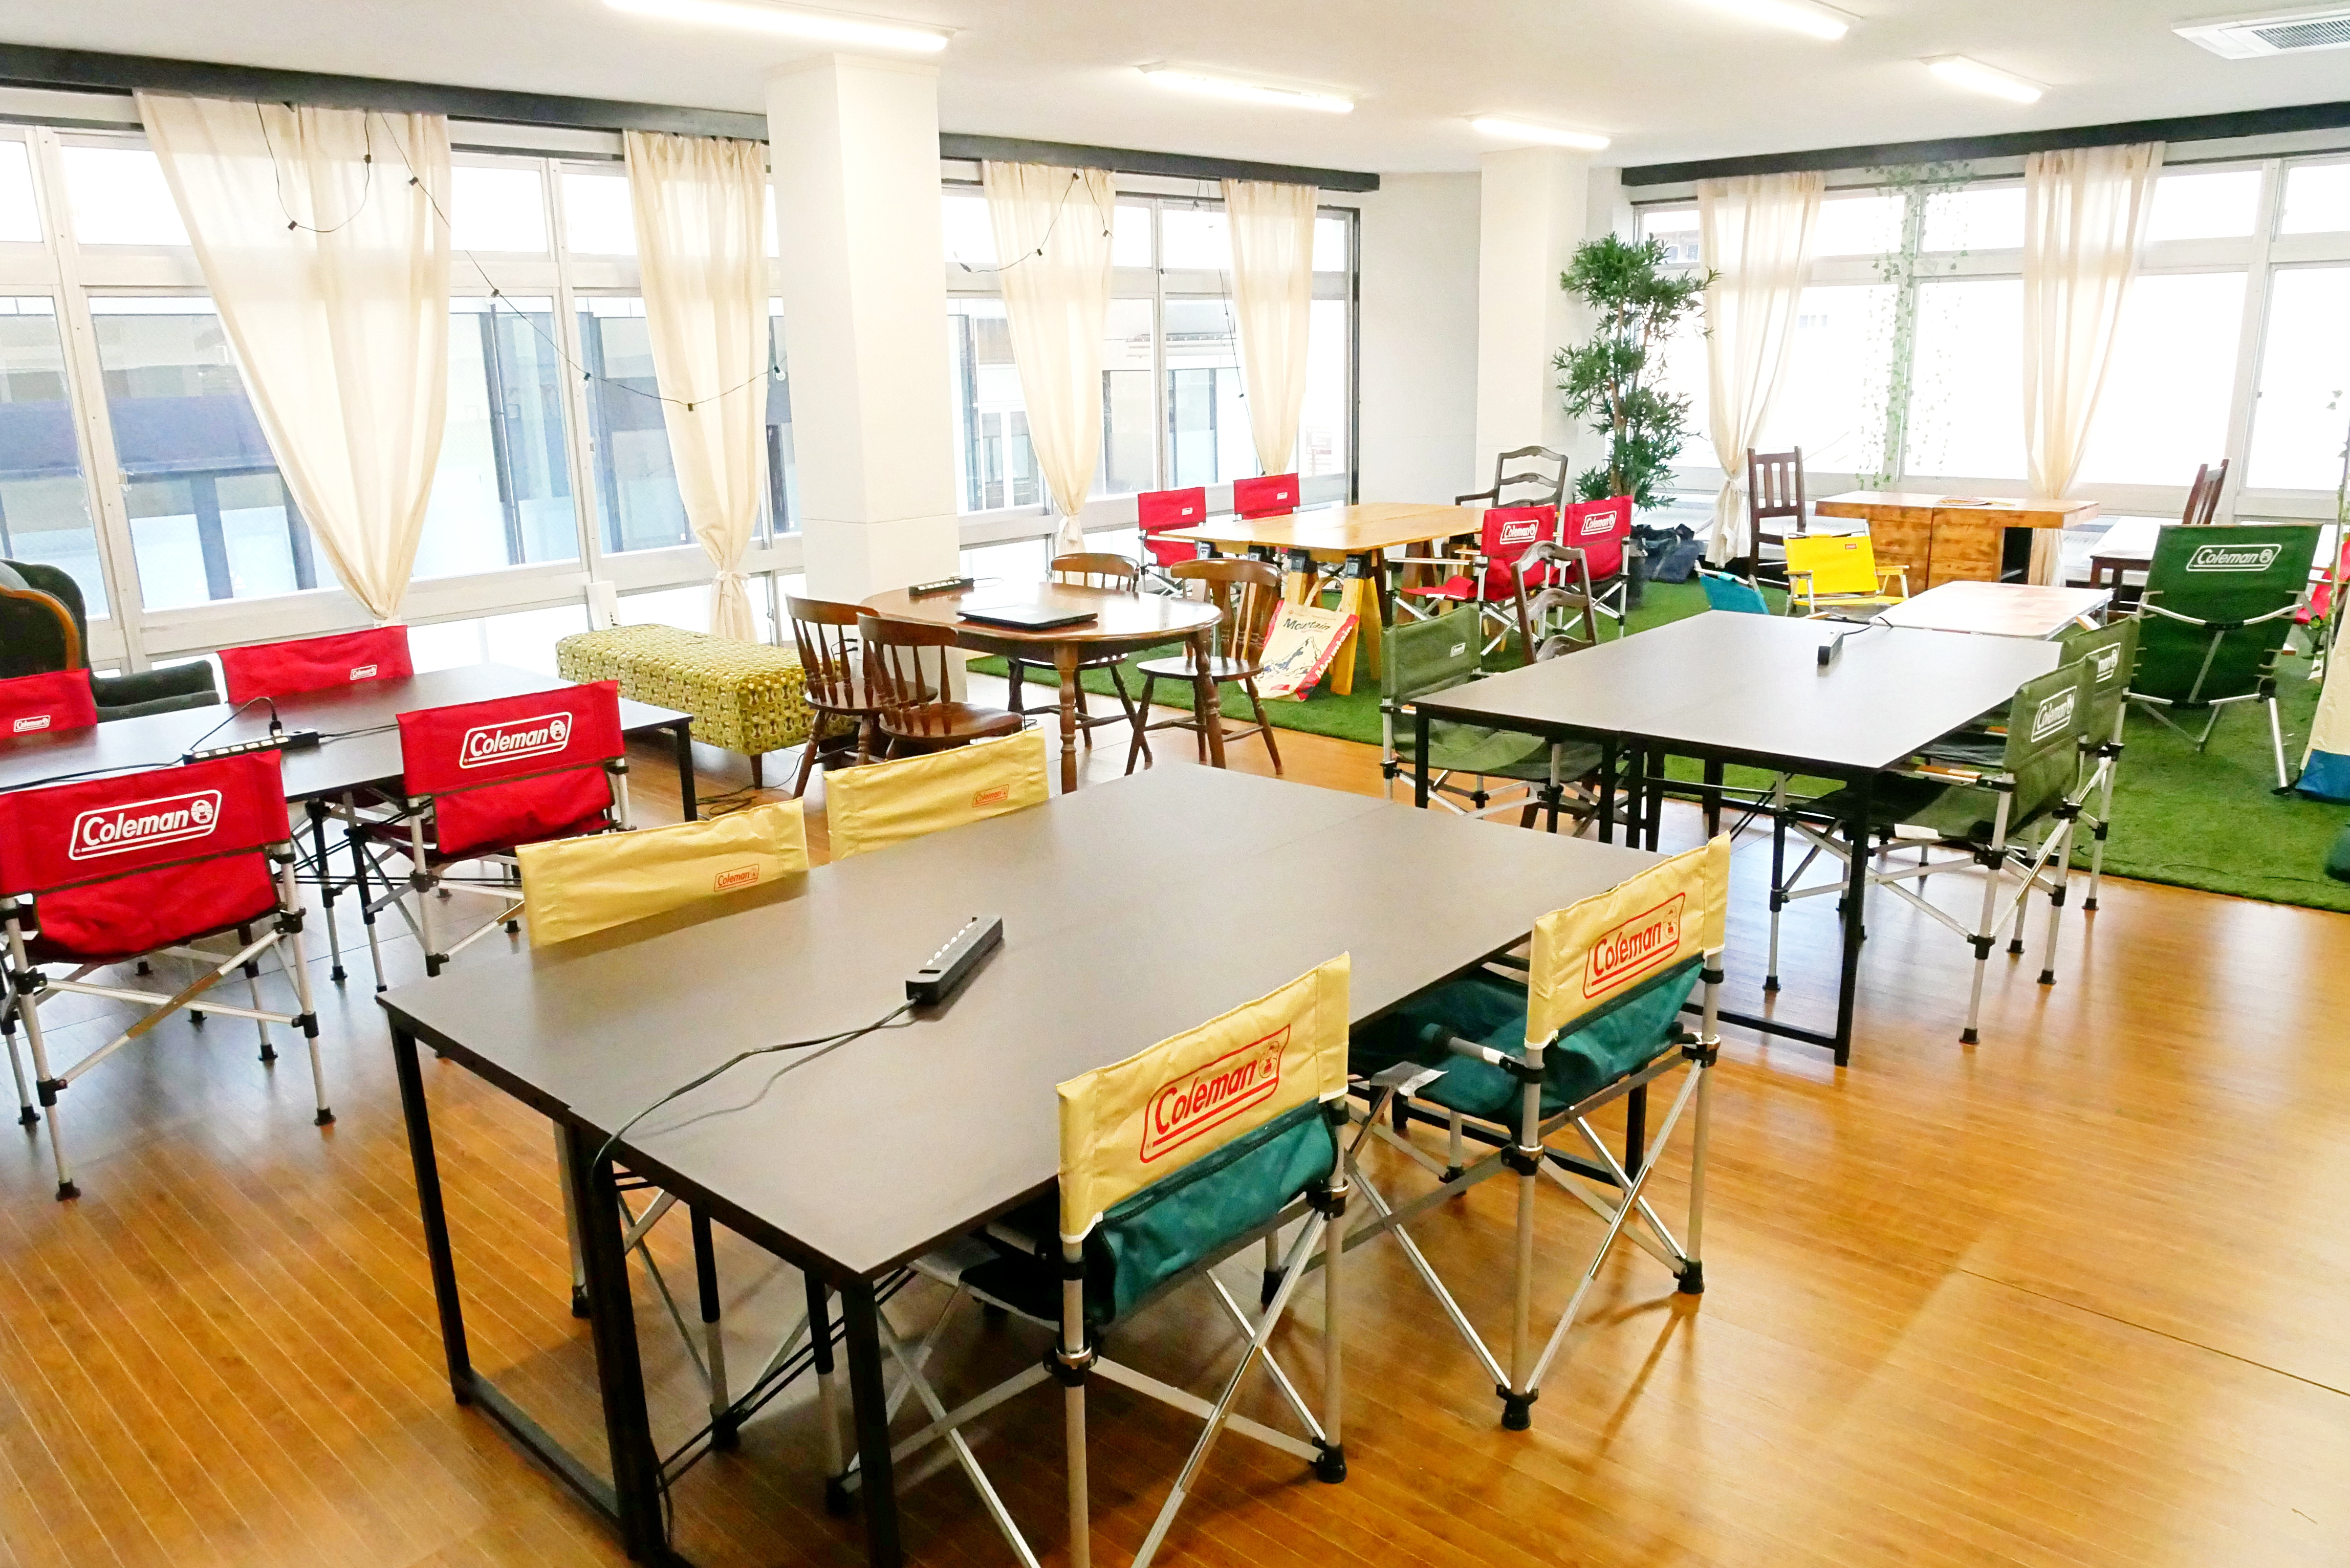 岐阜駅徒歩2分の24時間コワーキングスペース&シェアオフィス Tanojob BASE(たのジョブベース)